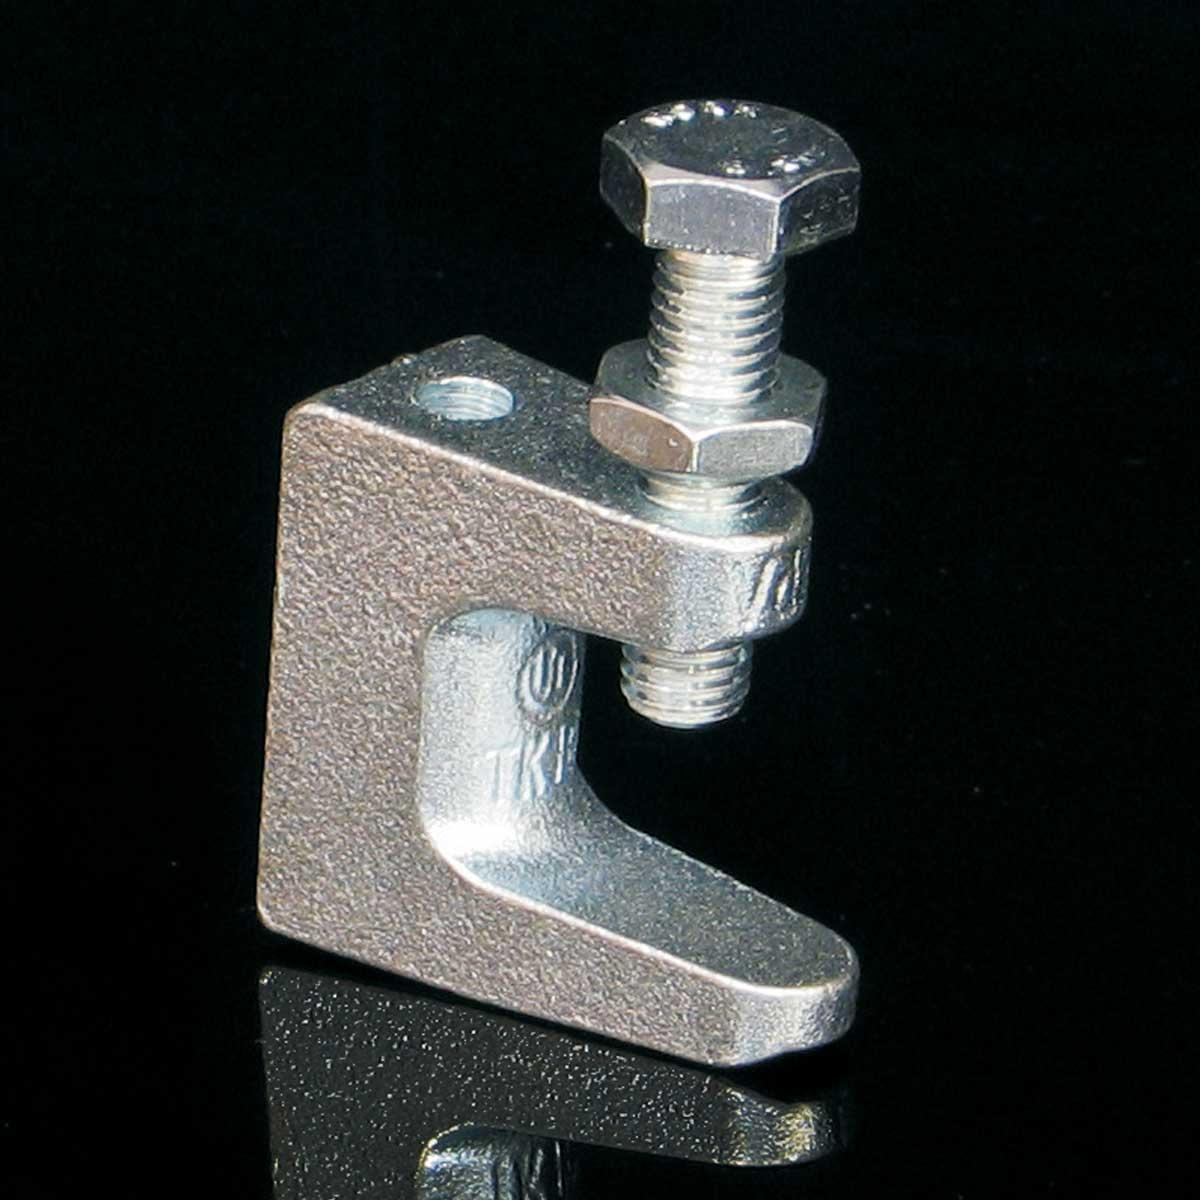 Фіксуючий зажим JUPITER; розміри-x0-20xmm Товщ. метал- Вага-0,14кг/м